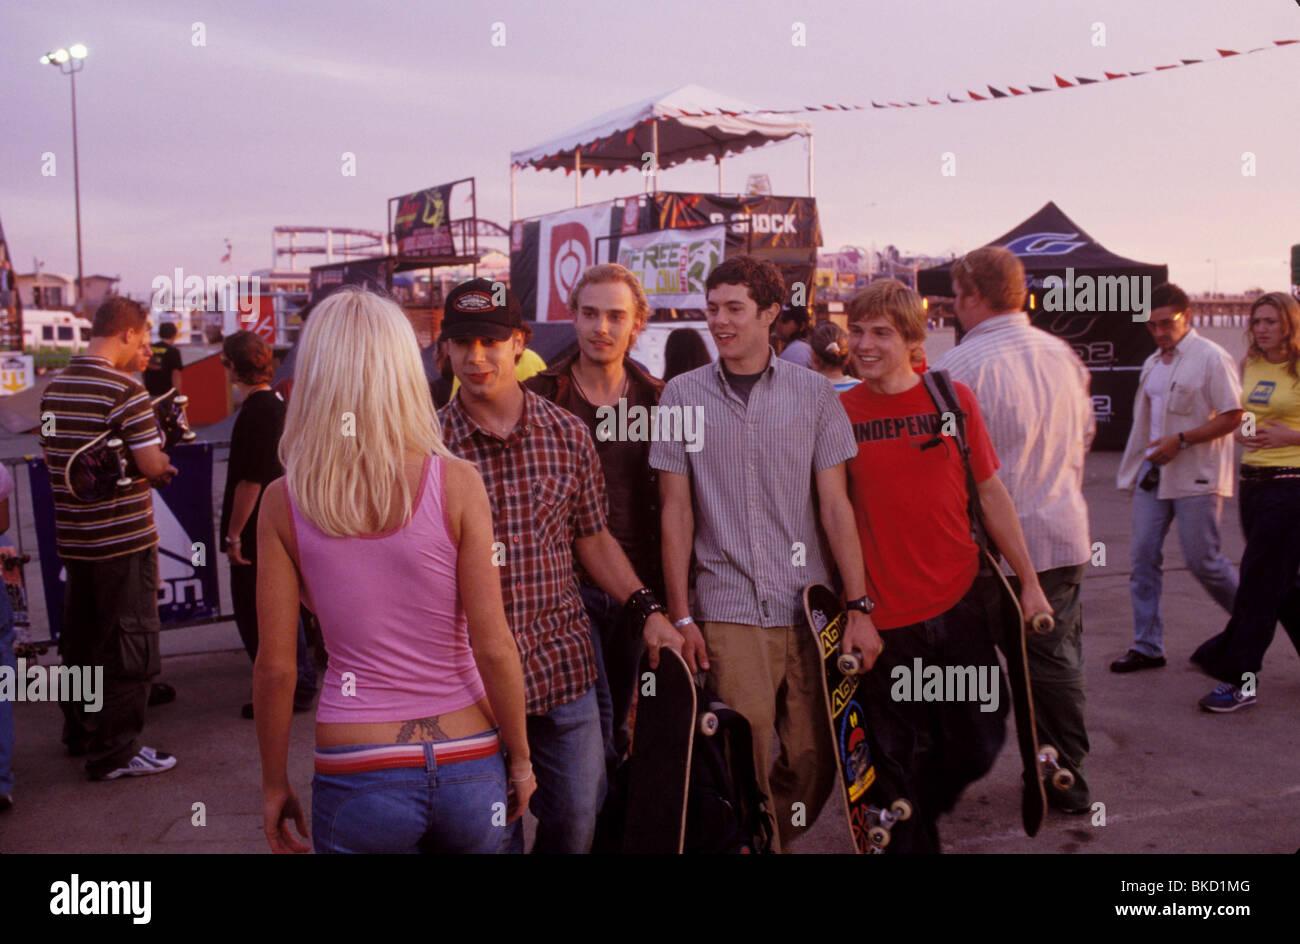 GRIND (2003) VINCE VIELUF, JOEY KERN, ADAM BRODY, MIKE VOGEL GRIN 001-2193 - Stock Image